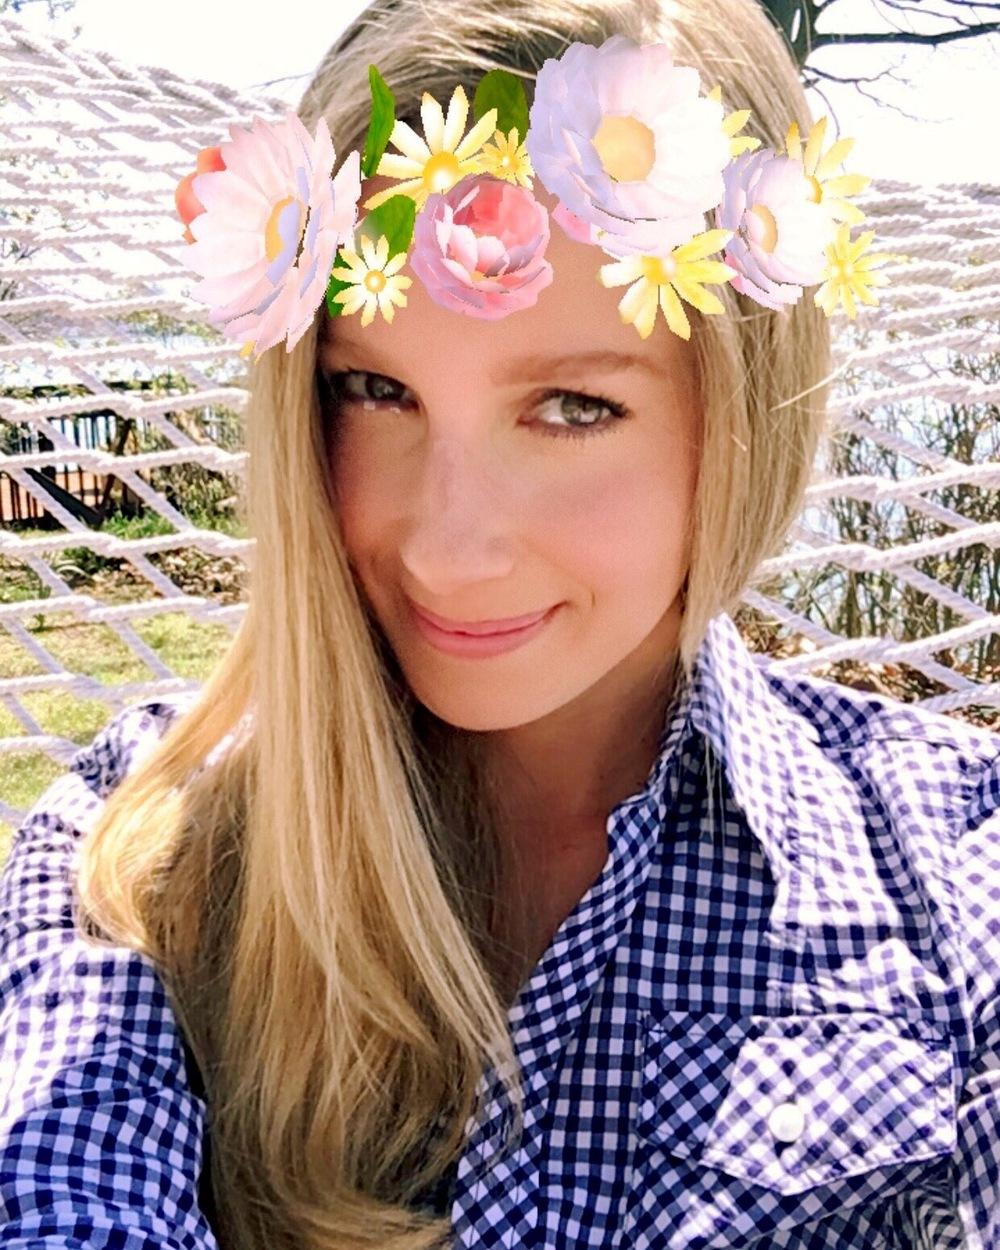 Snapchat 👻: bretteparker